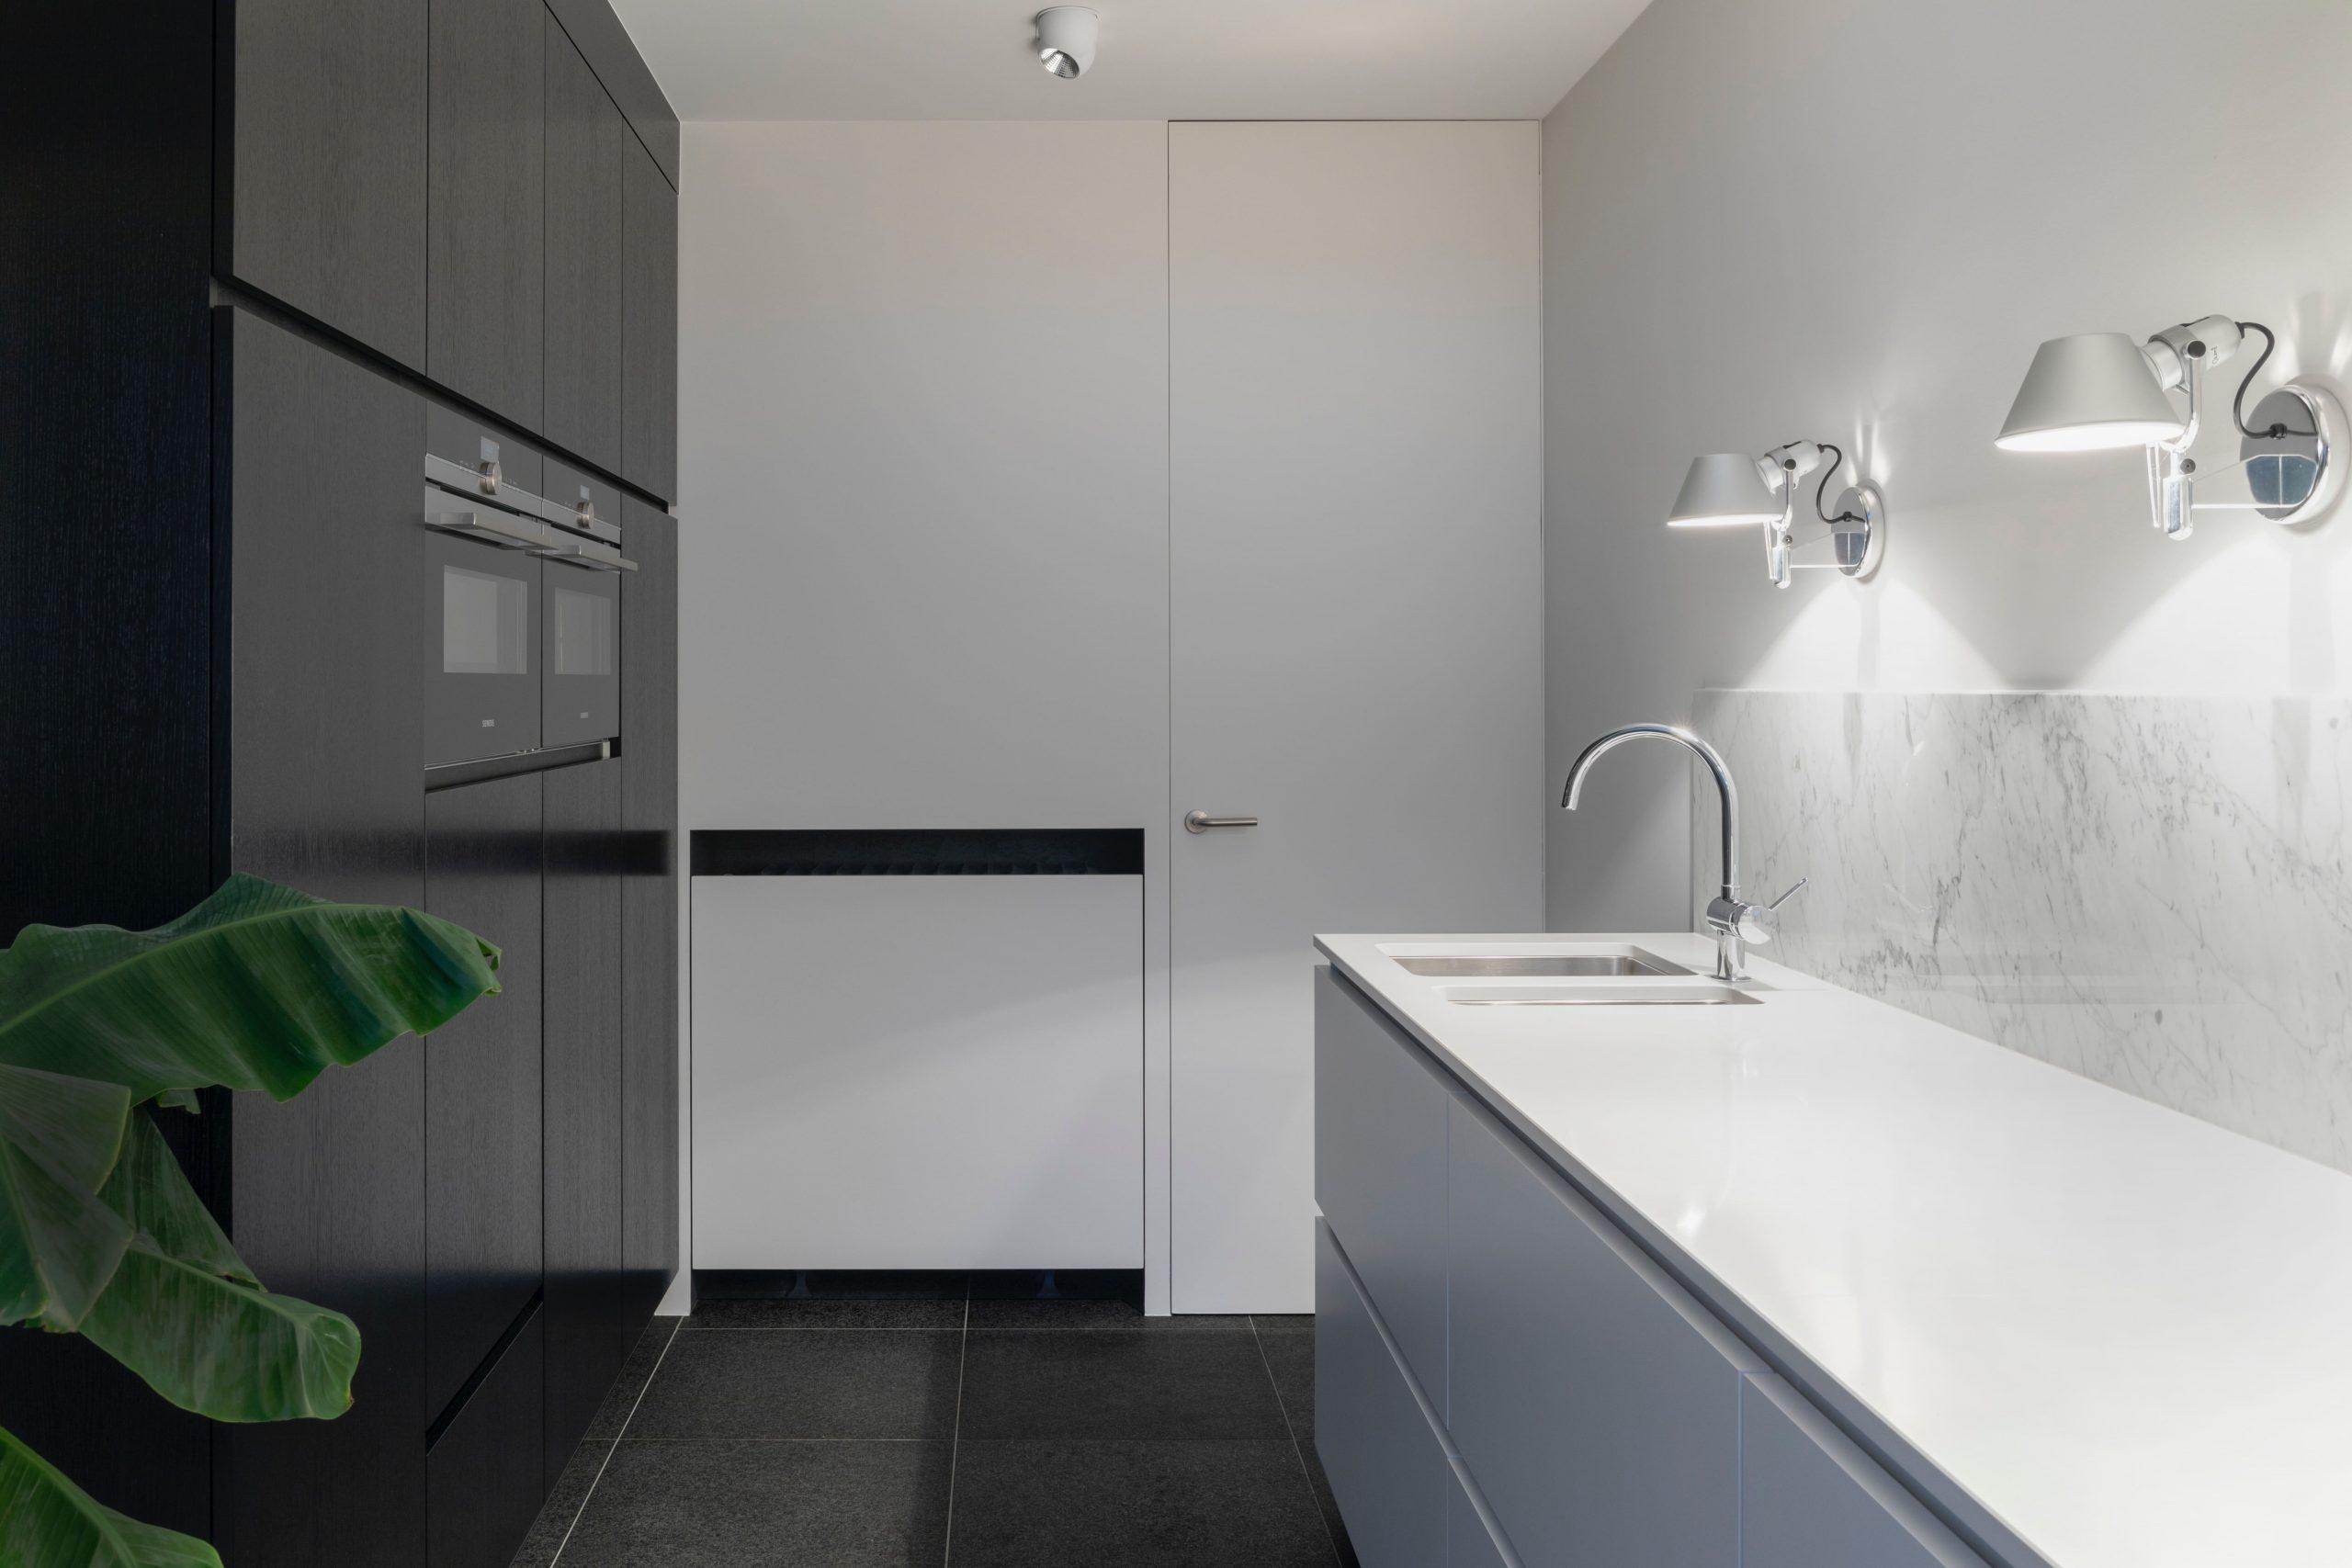 Rénovation de cuisine moderne à Nice - FO Multiservices